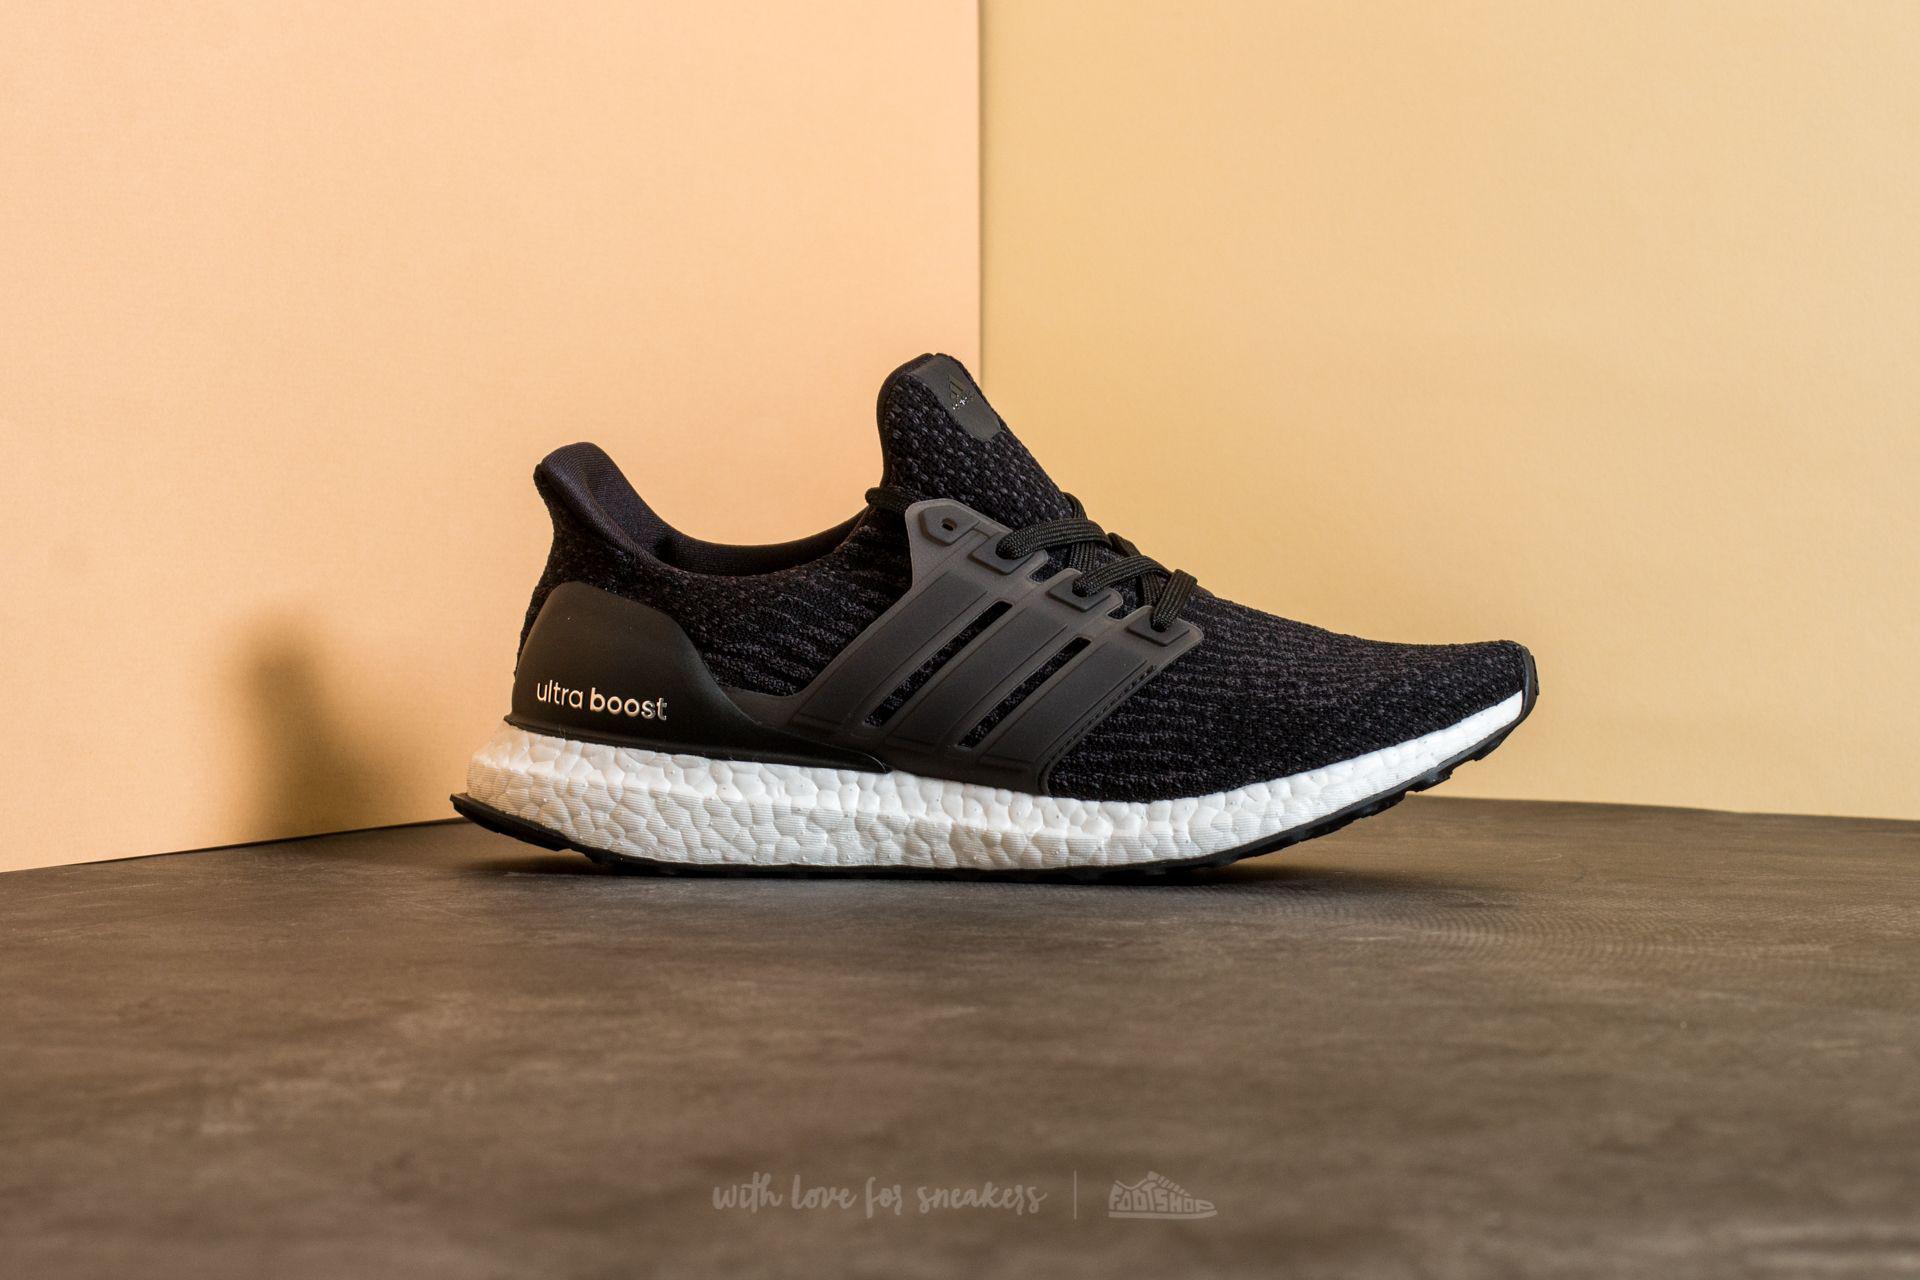 18a38a5f103 Lyst - Footshop Adidas Ultra Boost W Core Black  Dark Grey in Black